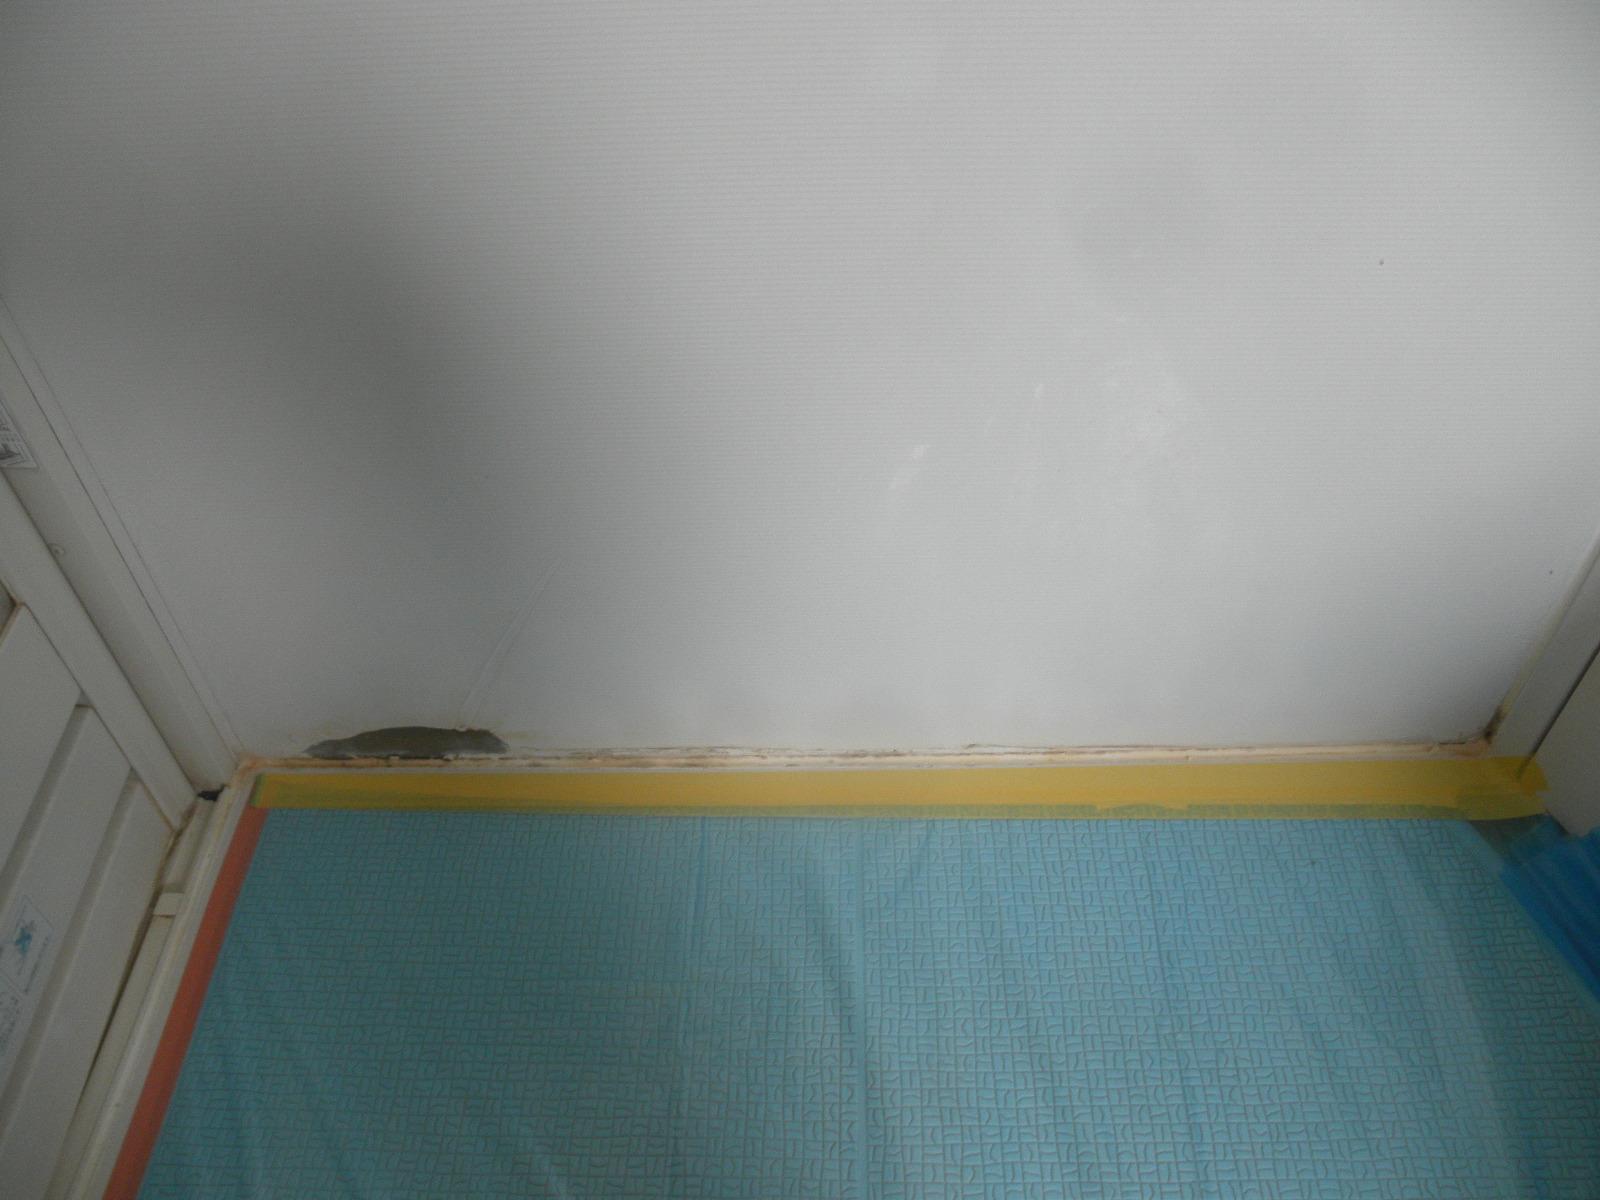 一般住宅ユニットバス 壁面フィルム経年劣化による浮き、剥がれ修理 広島県尾道市新高山